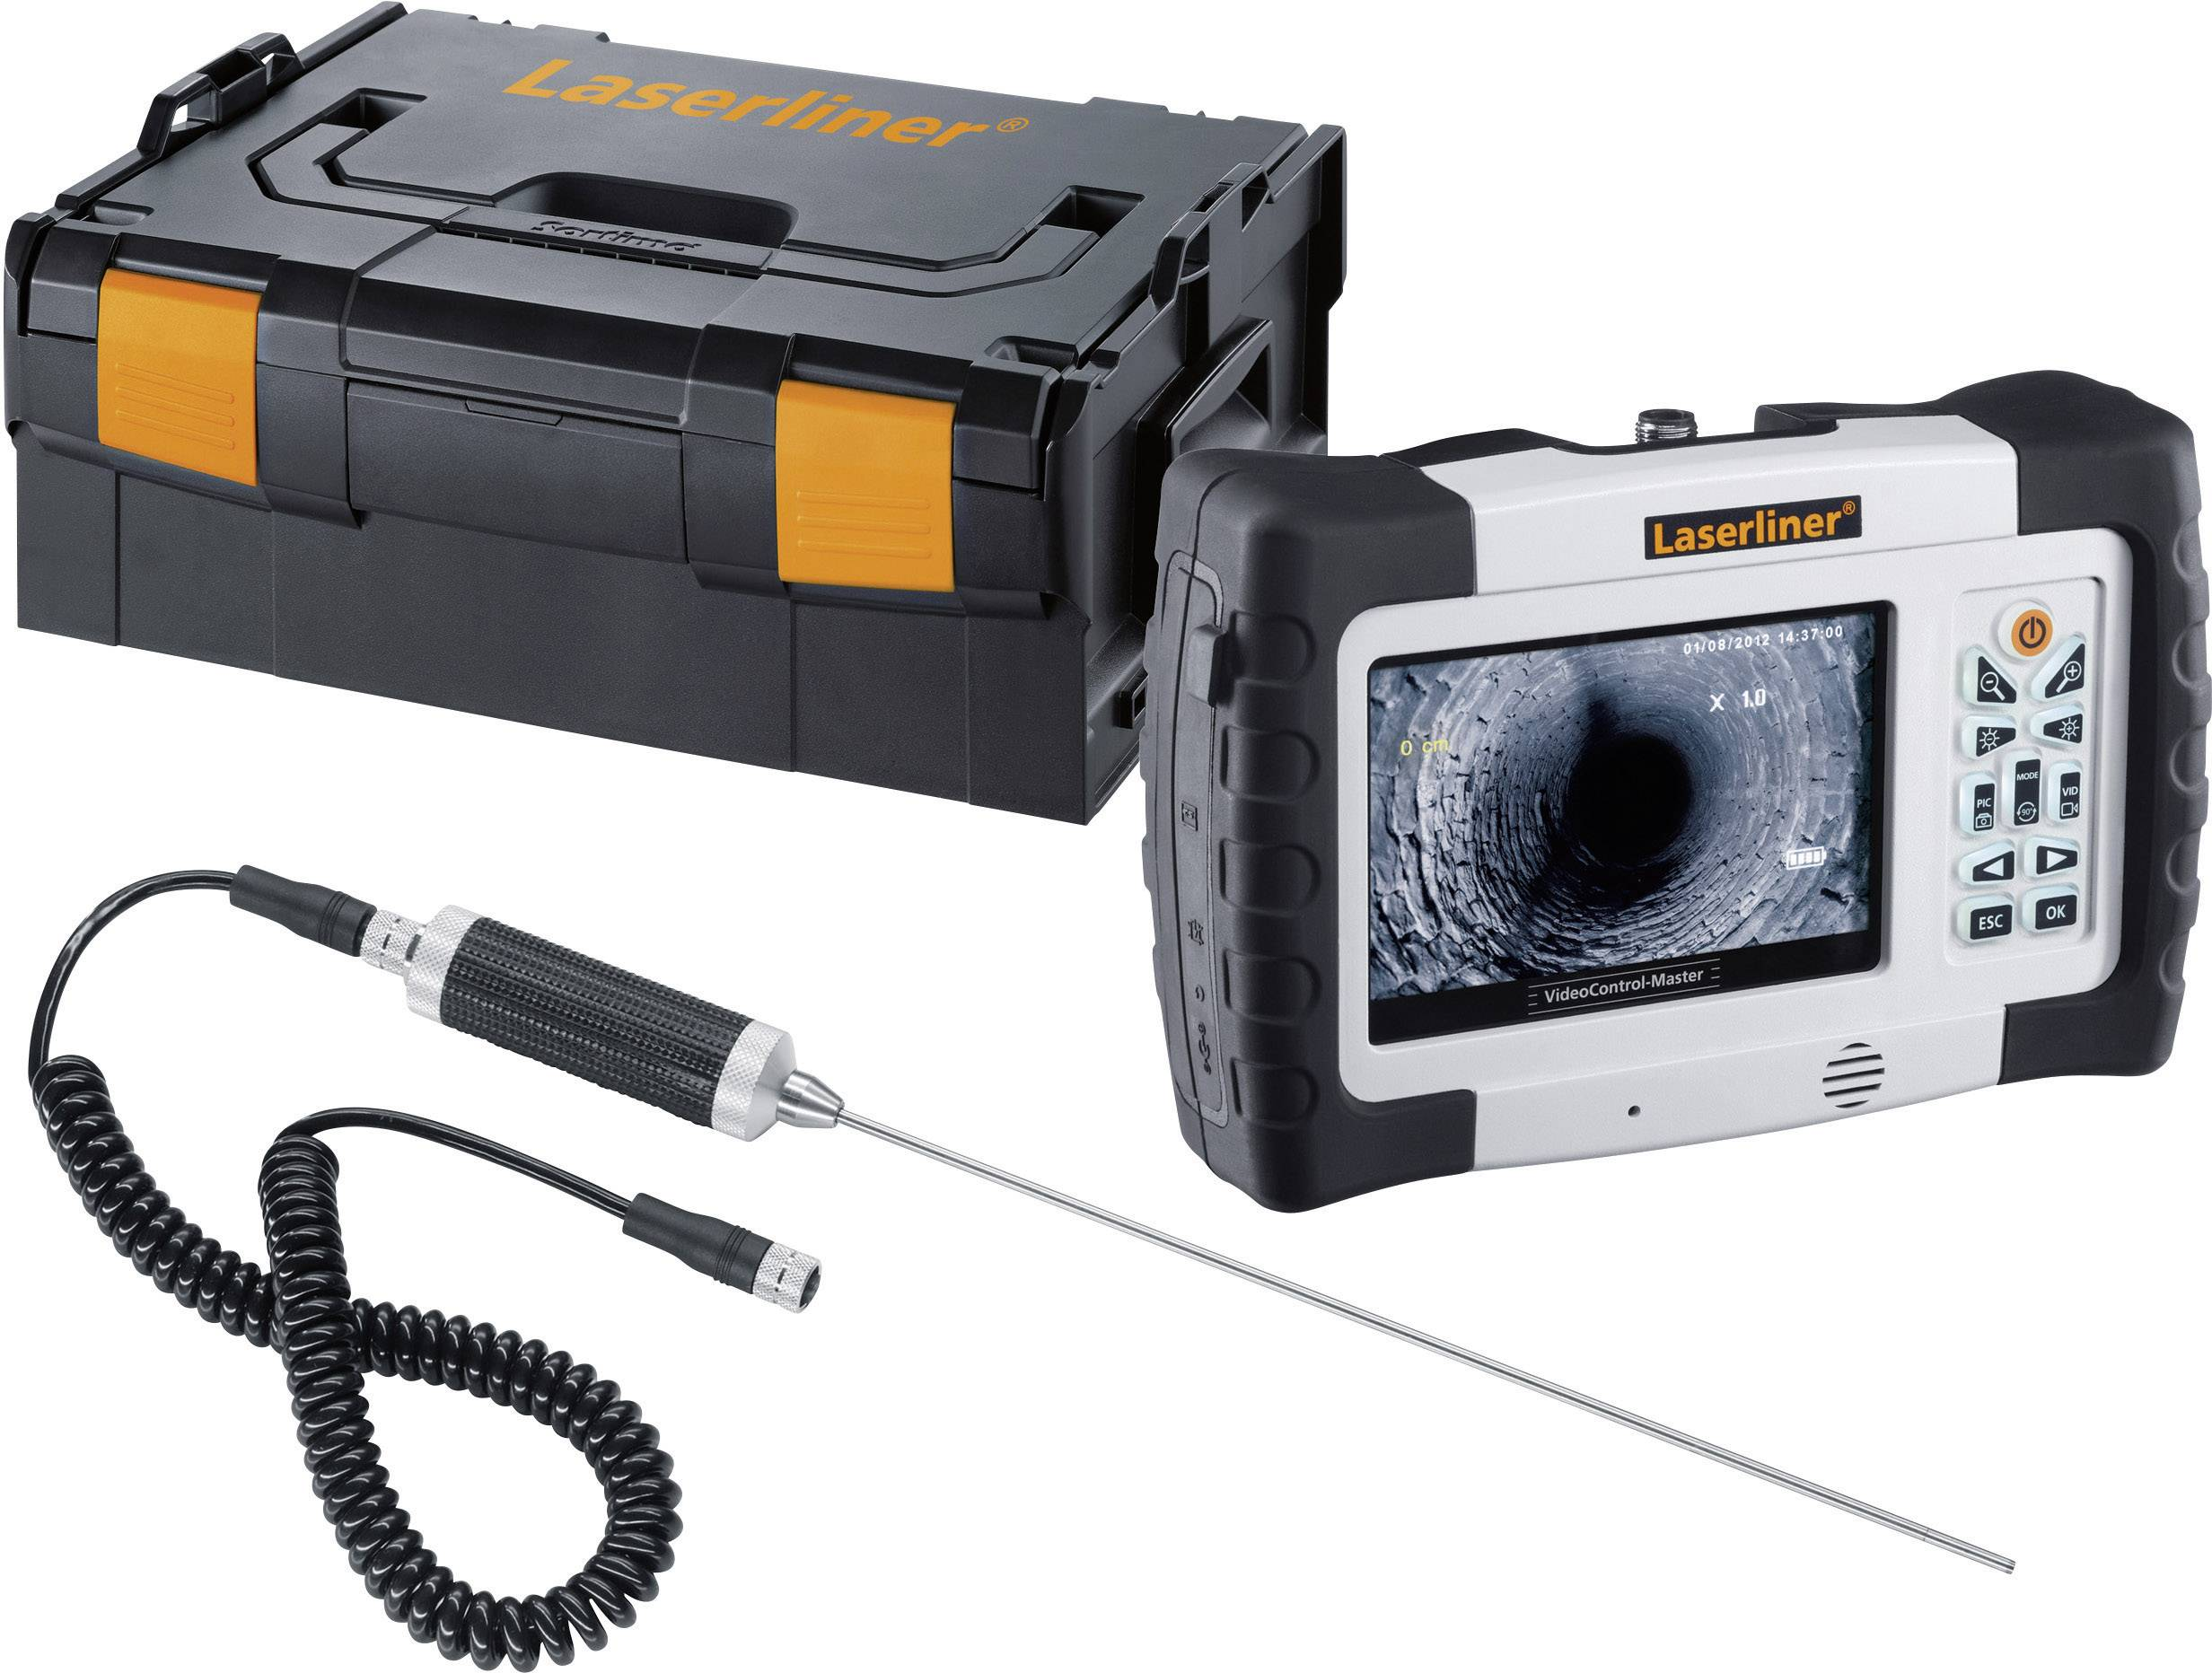 Endoskop LaserLiner VideoControl-BoreScope, 084.104L